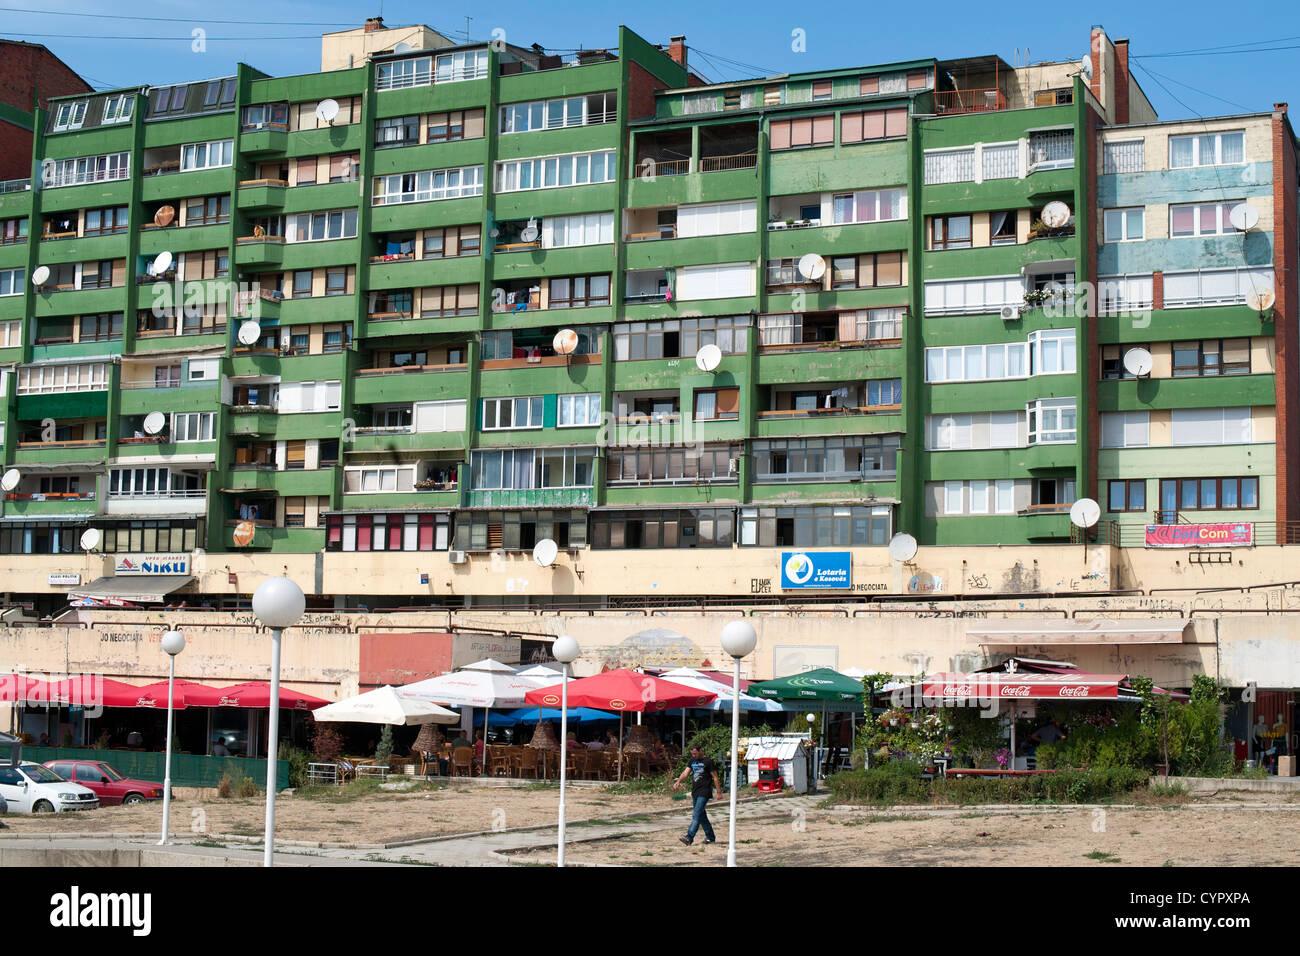 Les immeubles à appartements à Pristina, la capitale de la République du Kosovo. Photo Stock